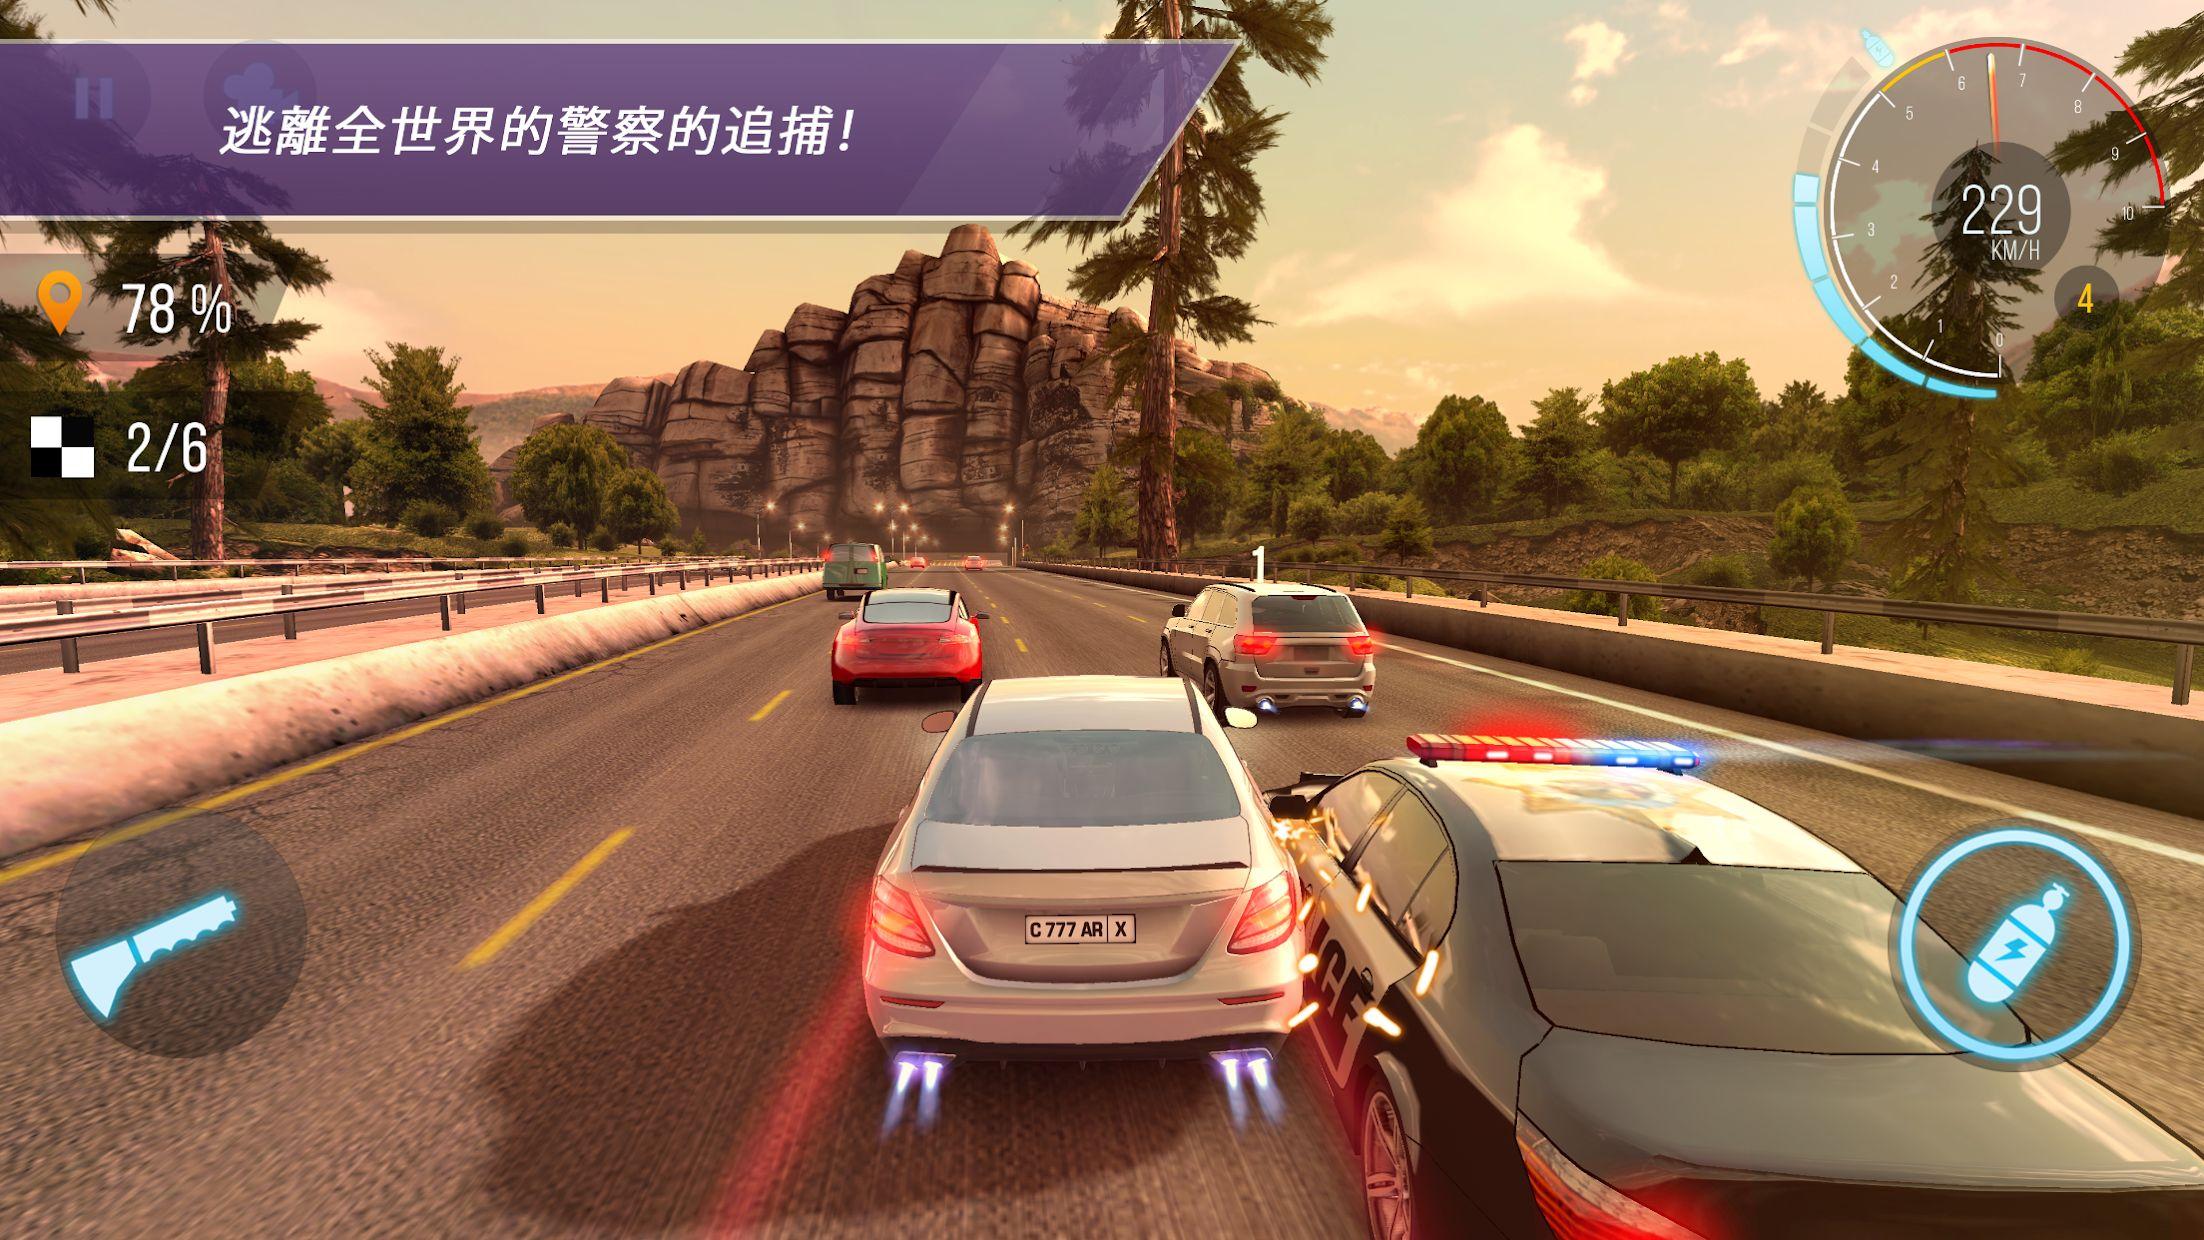 CarX 公路赛车 游戏截图1